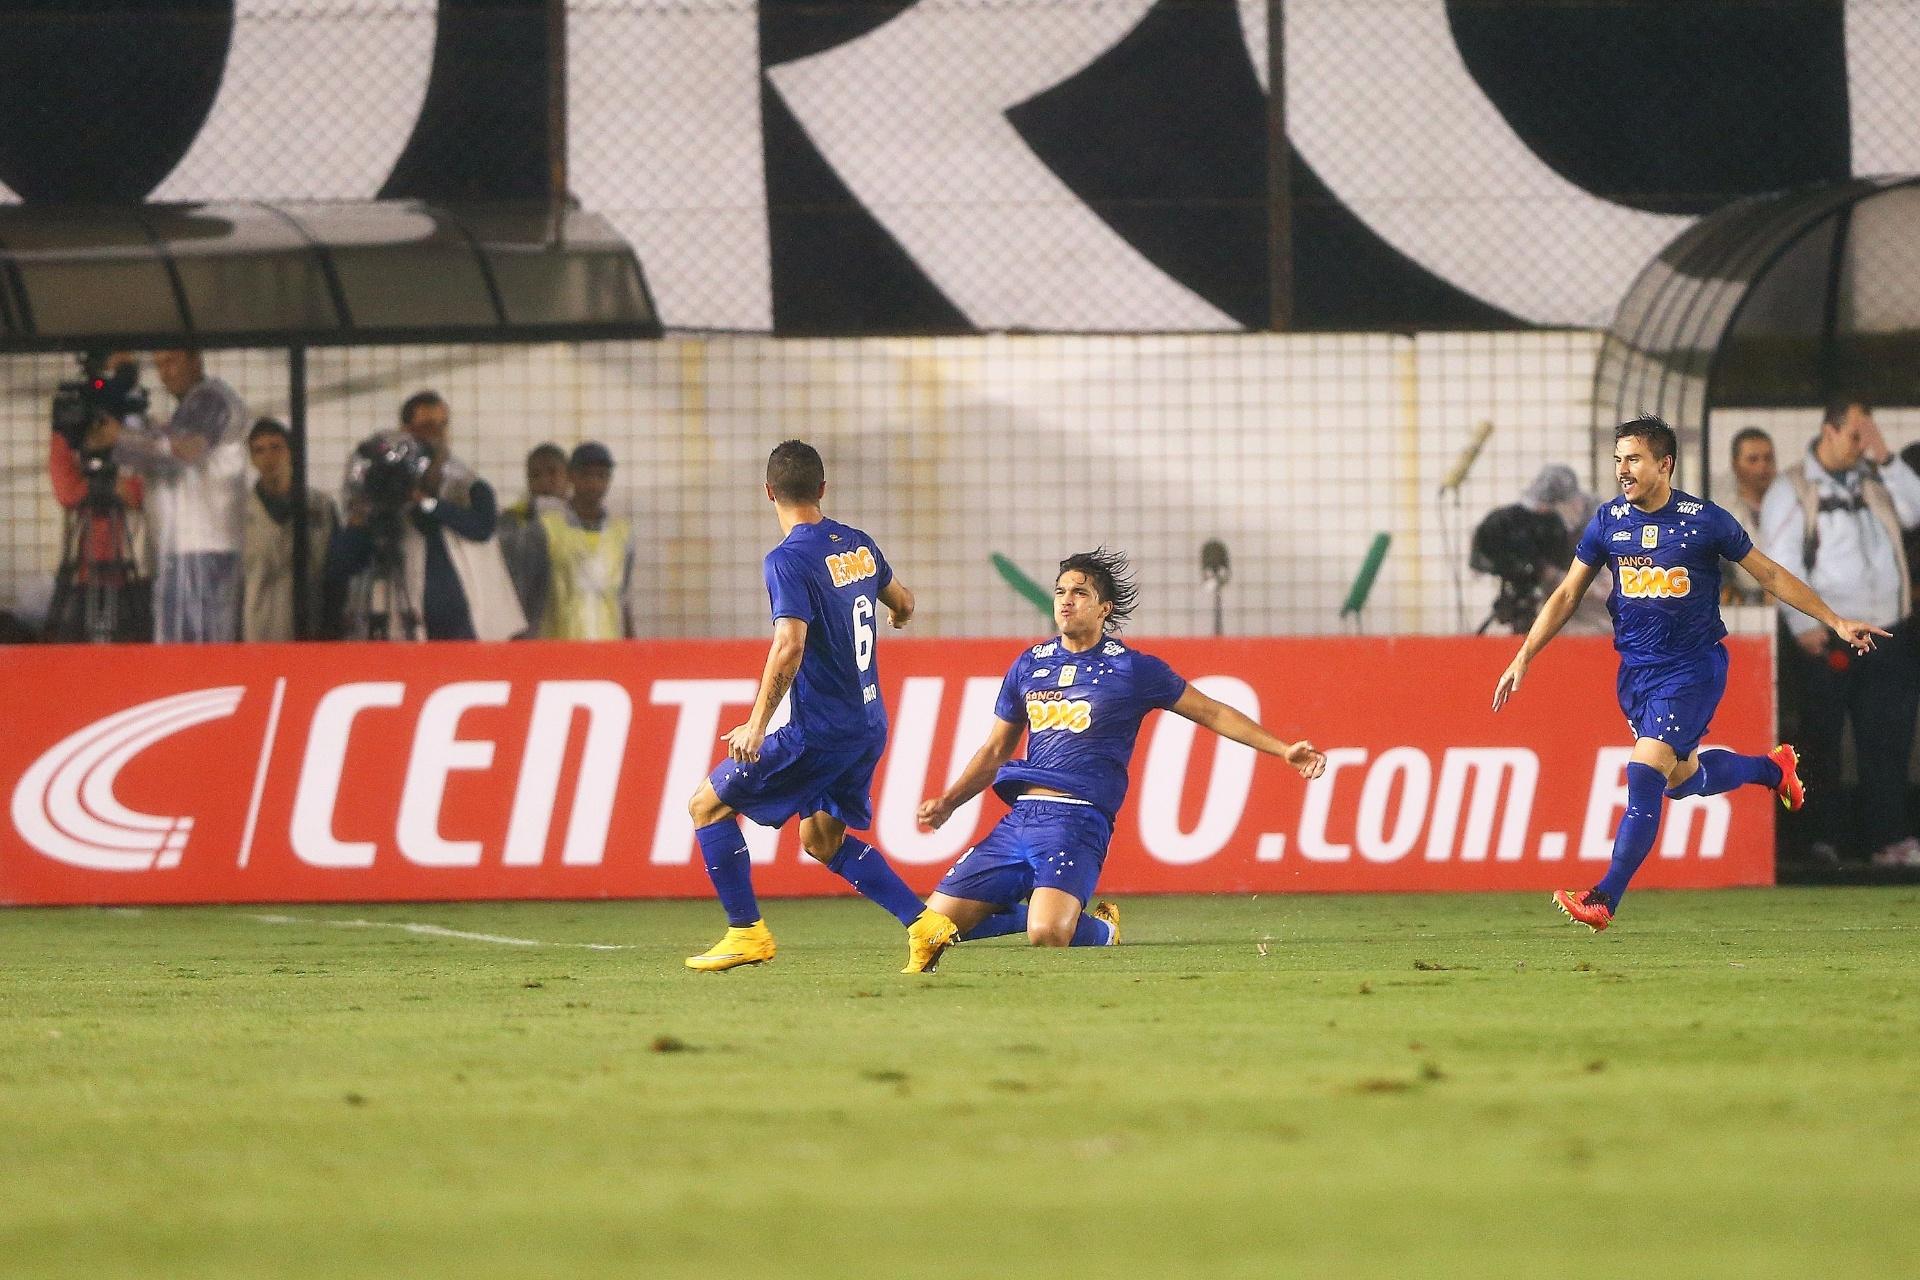 Jogadores caros e problemáticos têm mercado restrito no Brasil - 27 12 2014  - UOL Esporte 0d3ec9c1af0fb